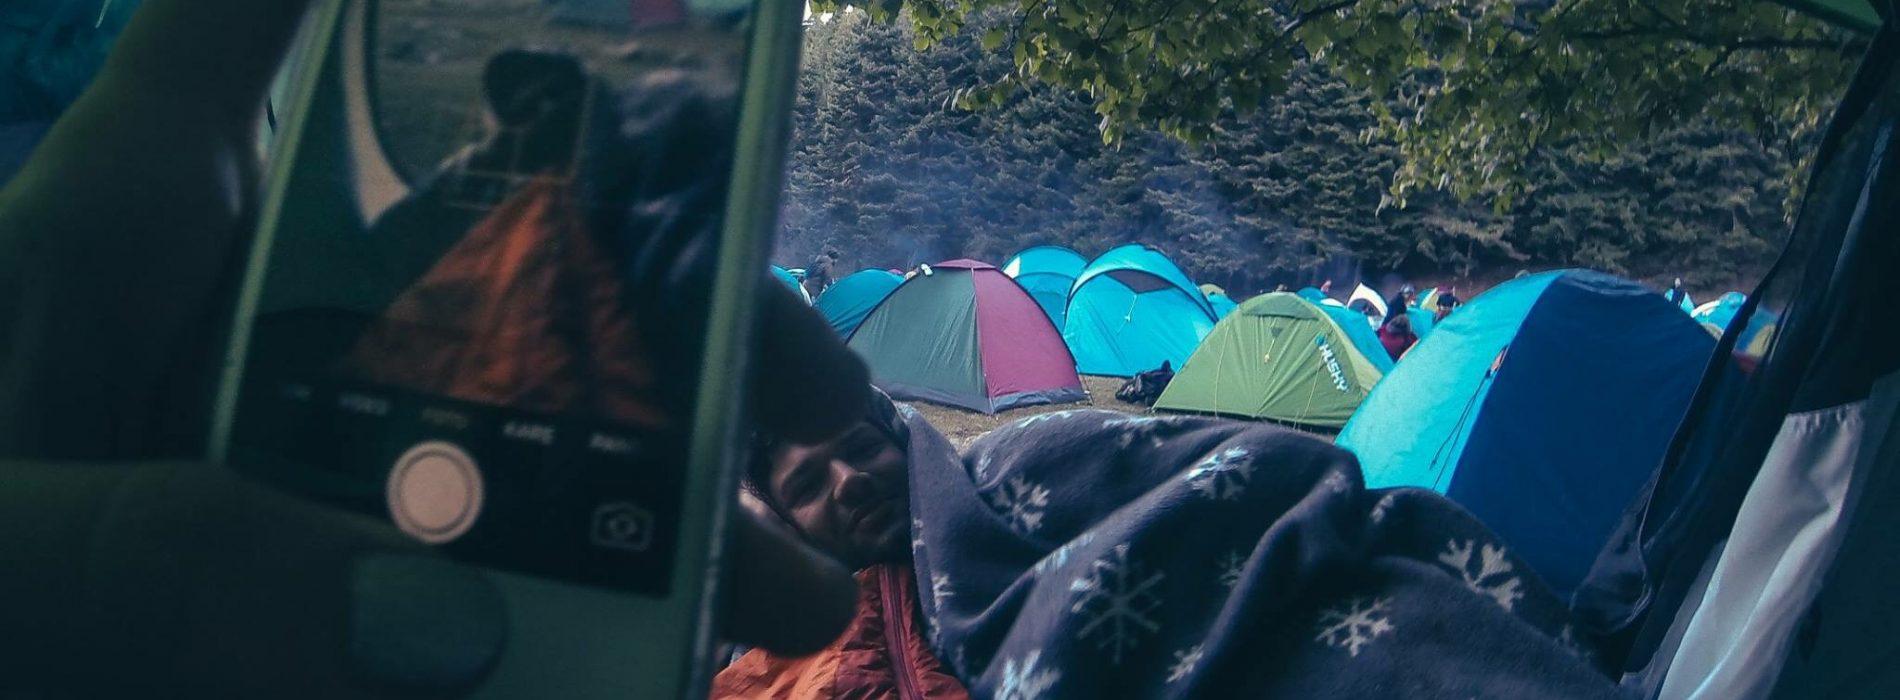 En Güzel Fotoğraflarla 1 Ekim Bolu Kampımız | #BoluRail